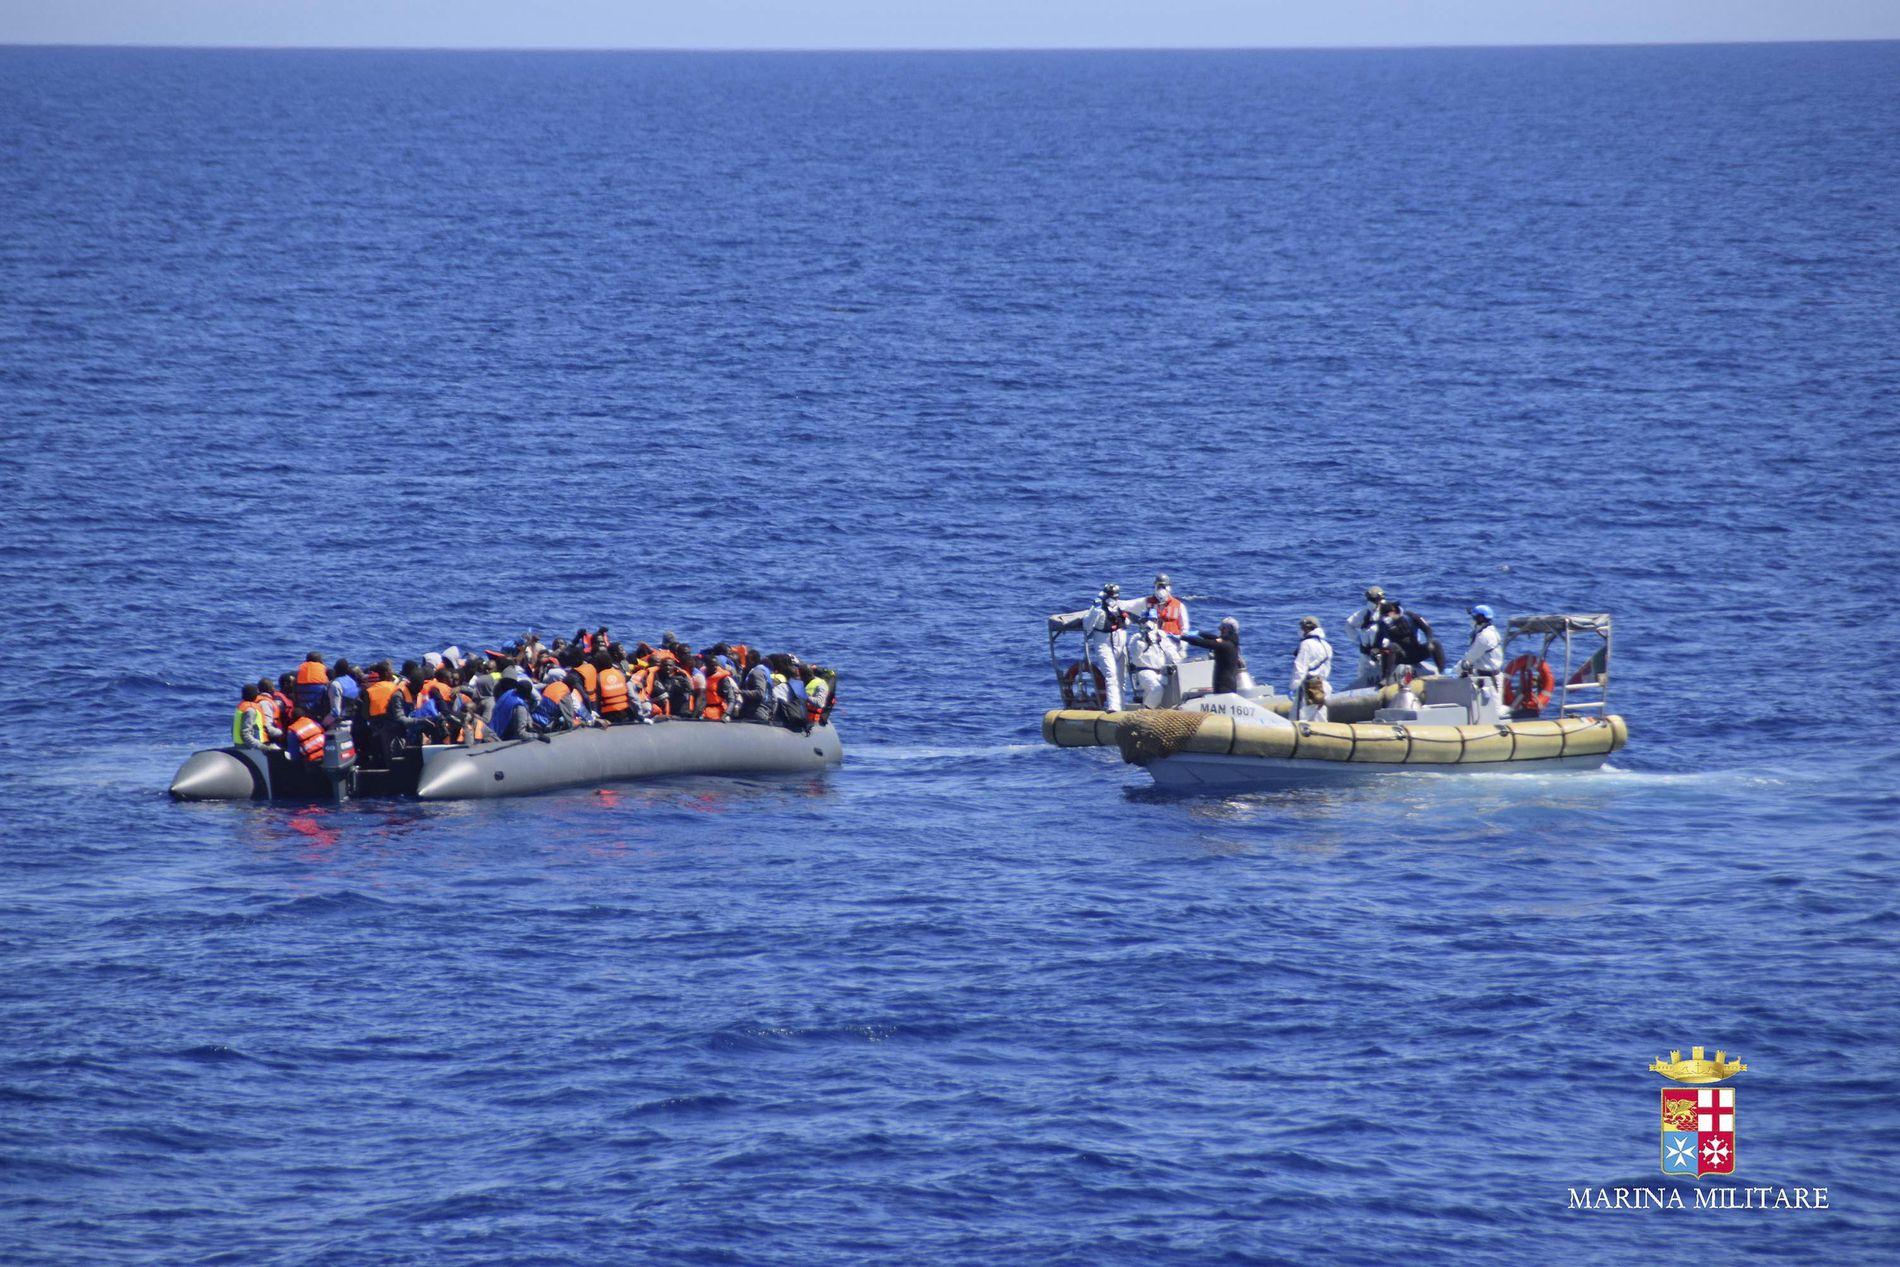 REDDET: Disse migrantene og flyktningene fikk i april hjelp fra den italienske kystvakten utenfor Sicilia.